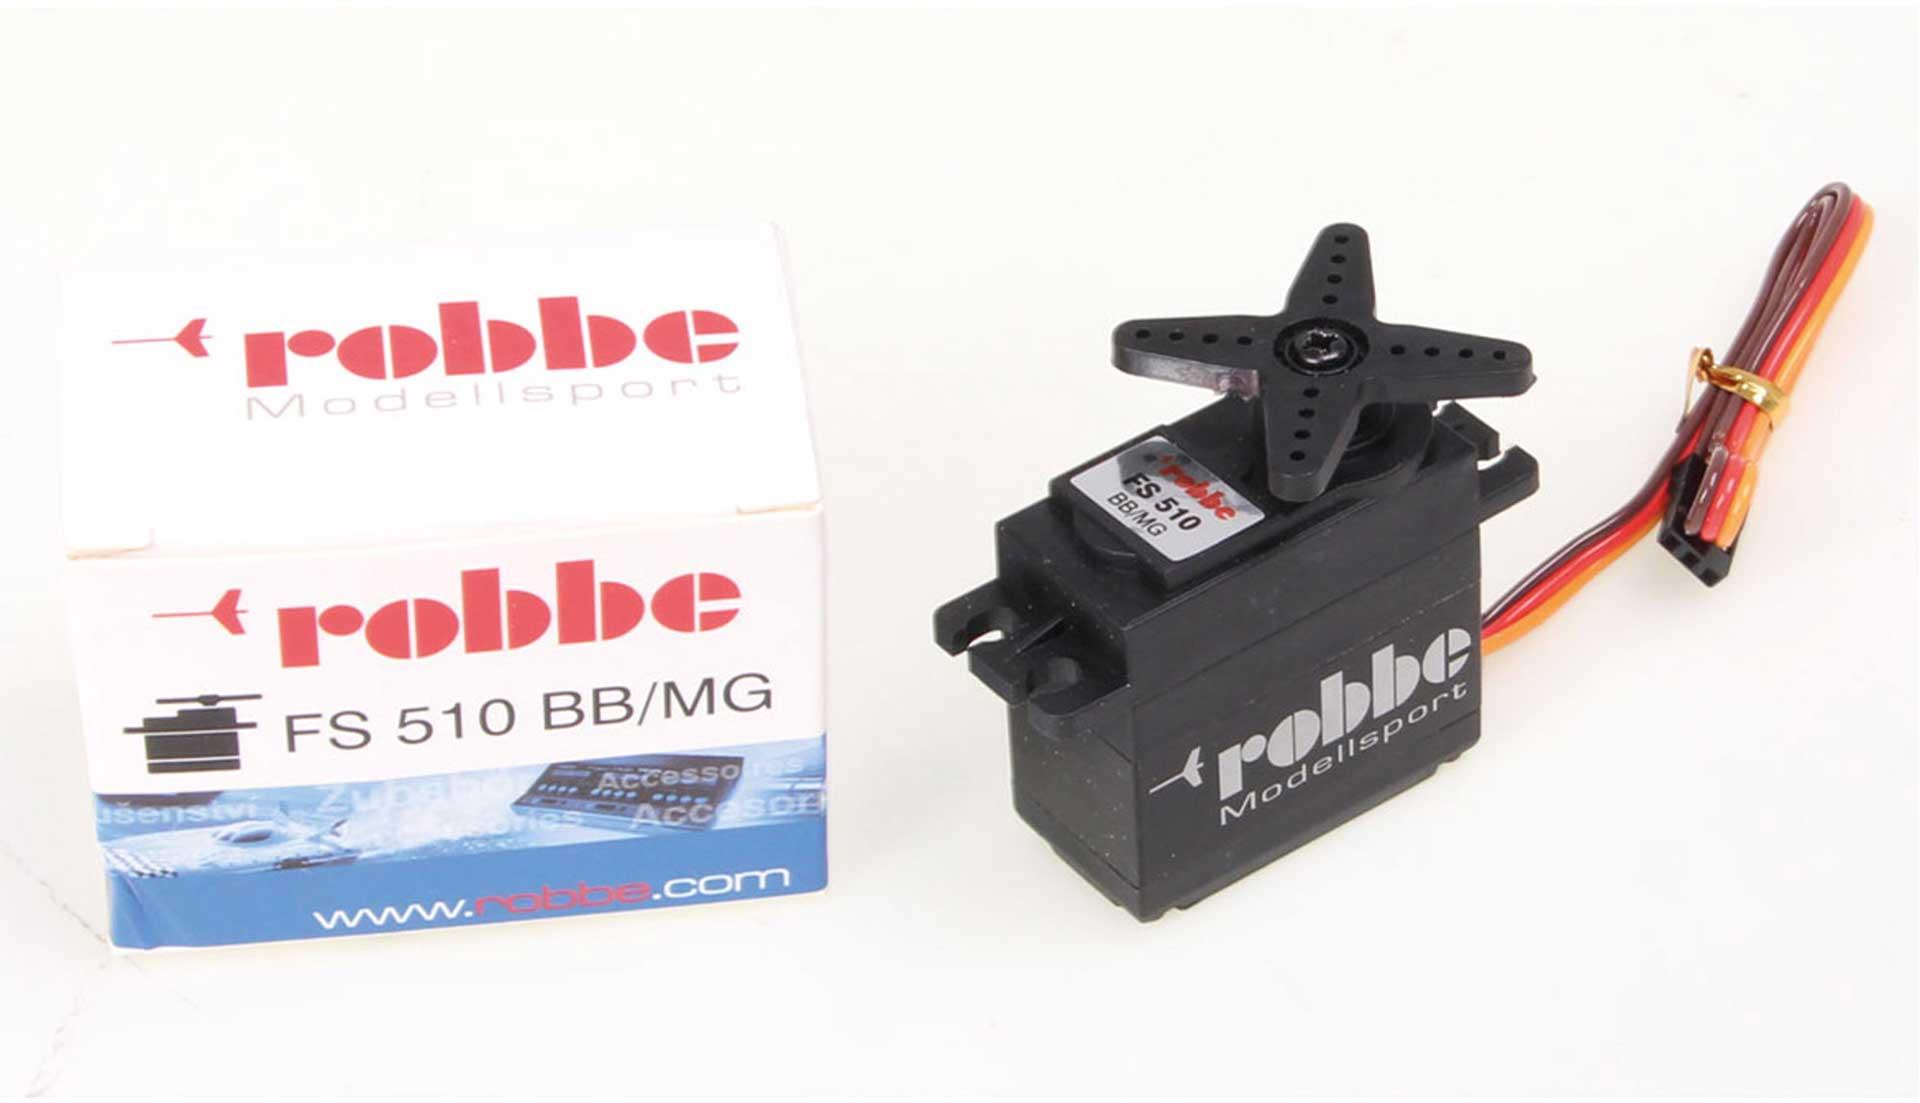 ROBBE FS 510 BB MG Servo mit Teil- Aluminium Gehäuse, Digital